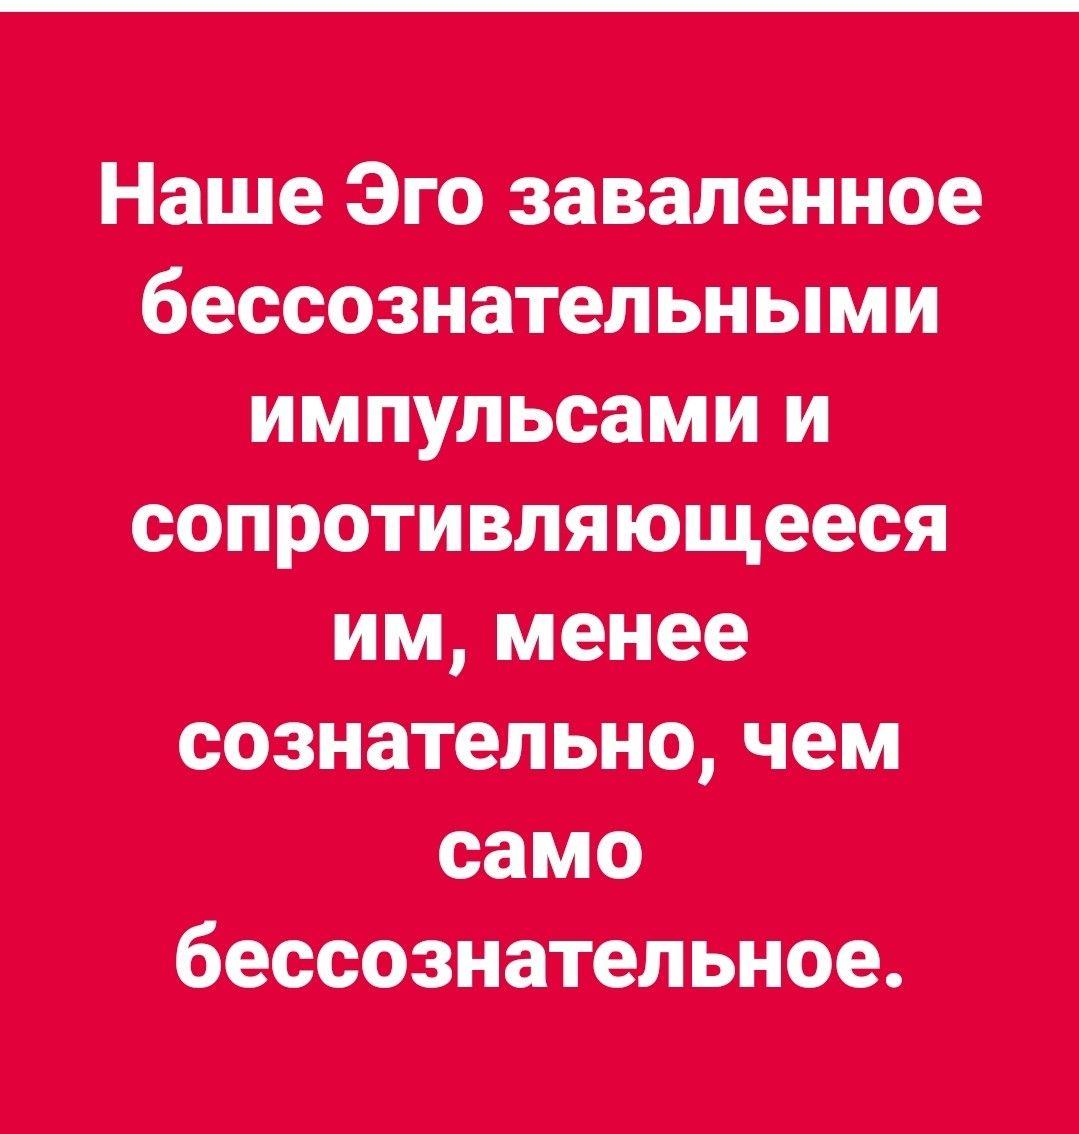 Проблемы с эго - Kyklovod - Medium | 1134x1079